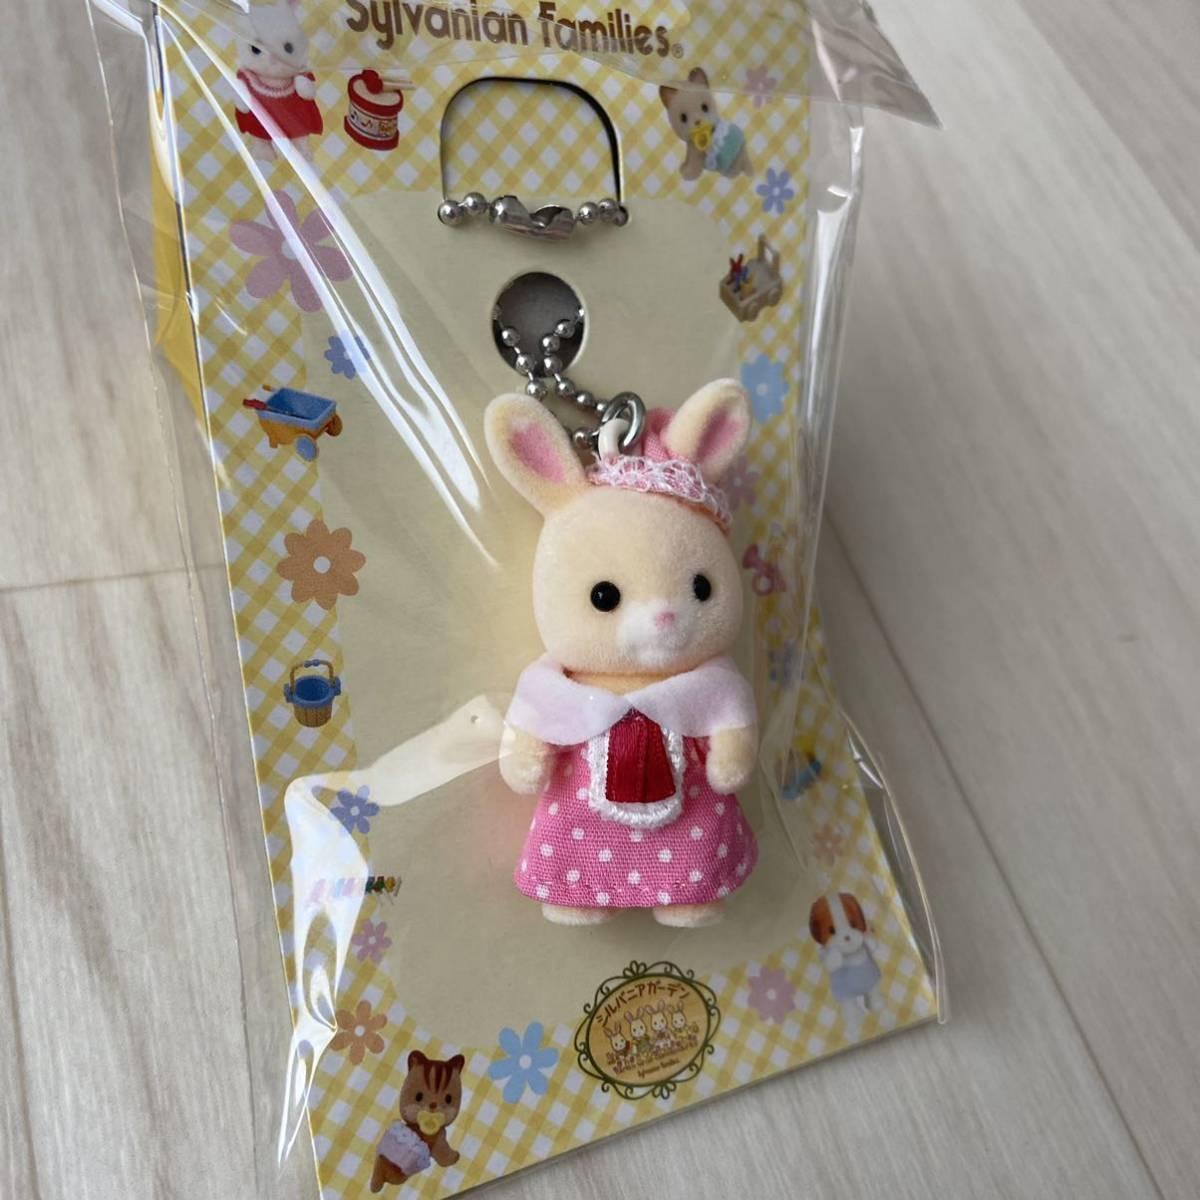 【新品】シルバニアファミリー はなぞのウサギ 赤ちゃん ピンク キーホルダー/花園 はなぞのうさぎ ご当地 シルバニアガーデン 香椎花園